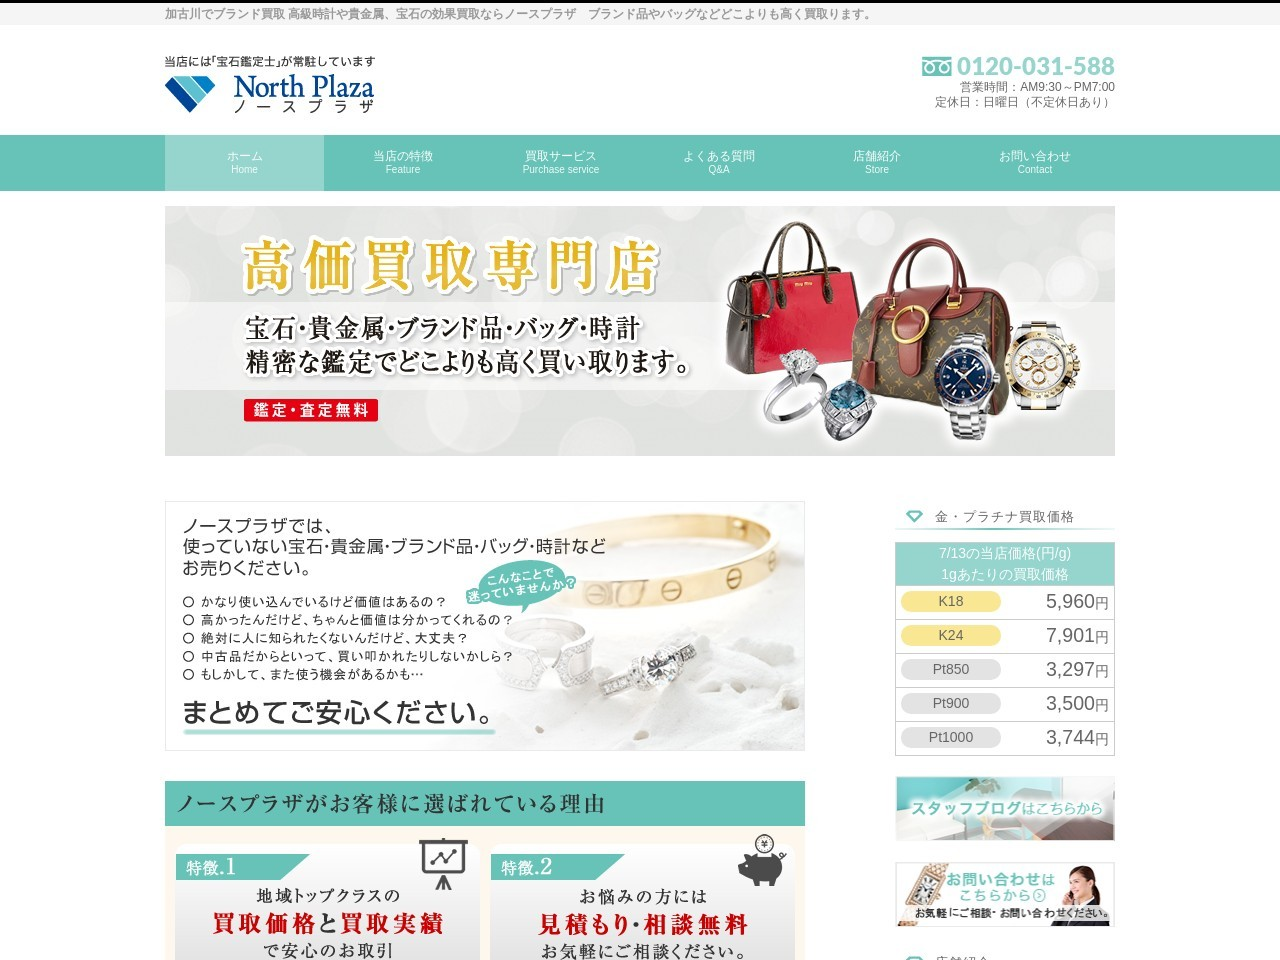 加古川でブランド買取・貴金属買取なら|ノースプラザ